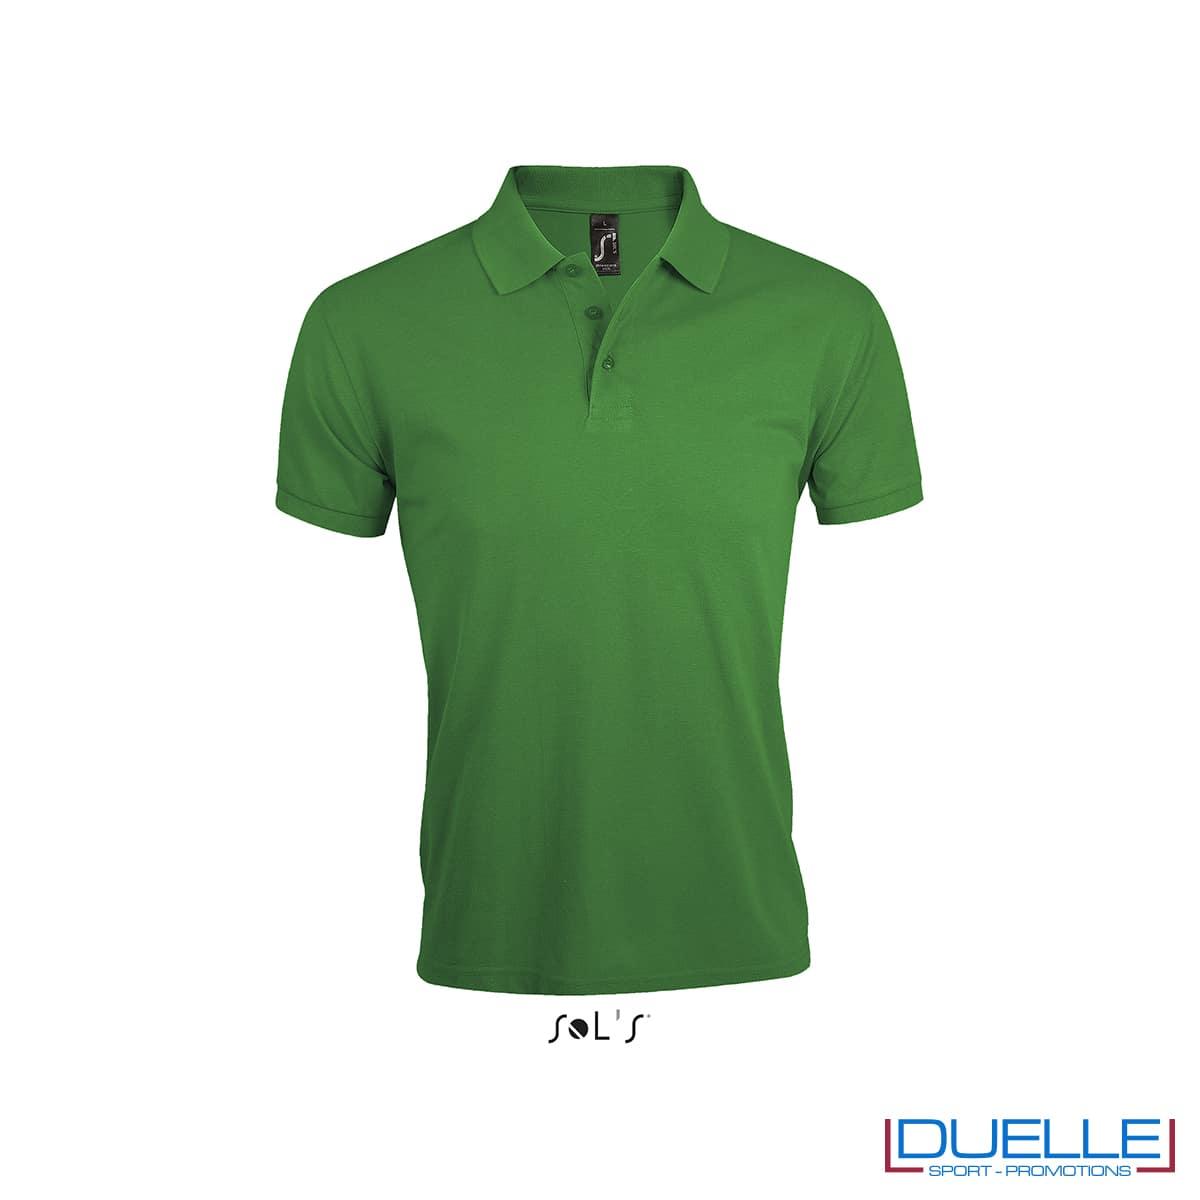 Maglia polo poliestere e cotone verde con logo